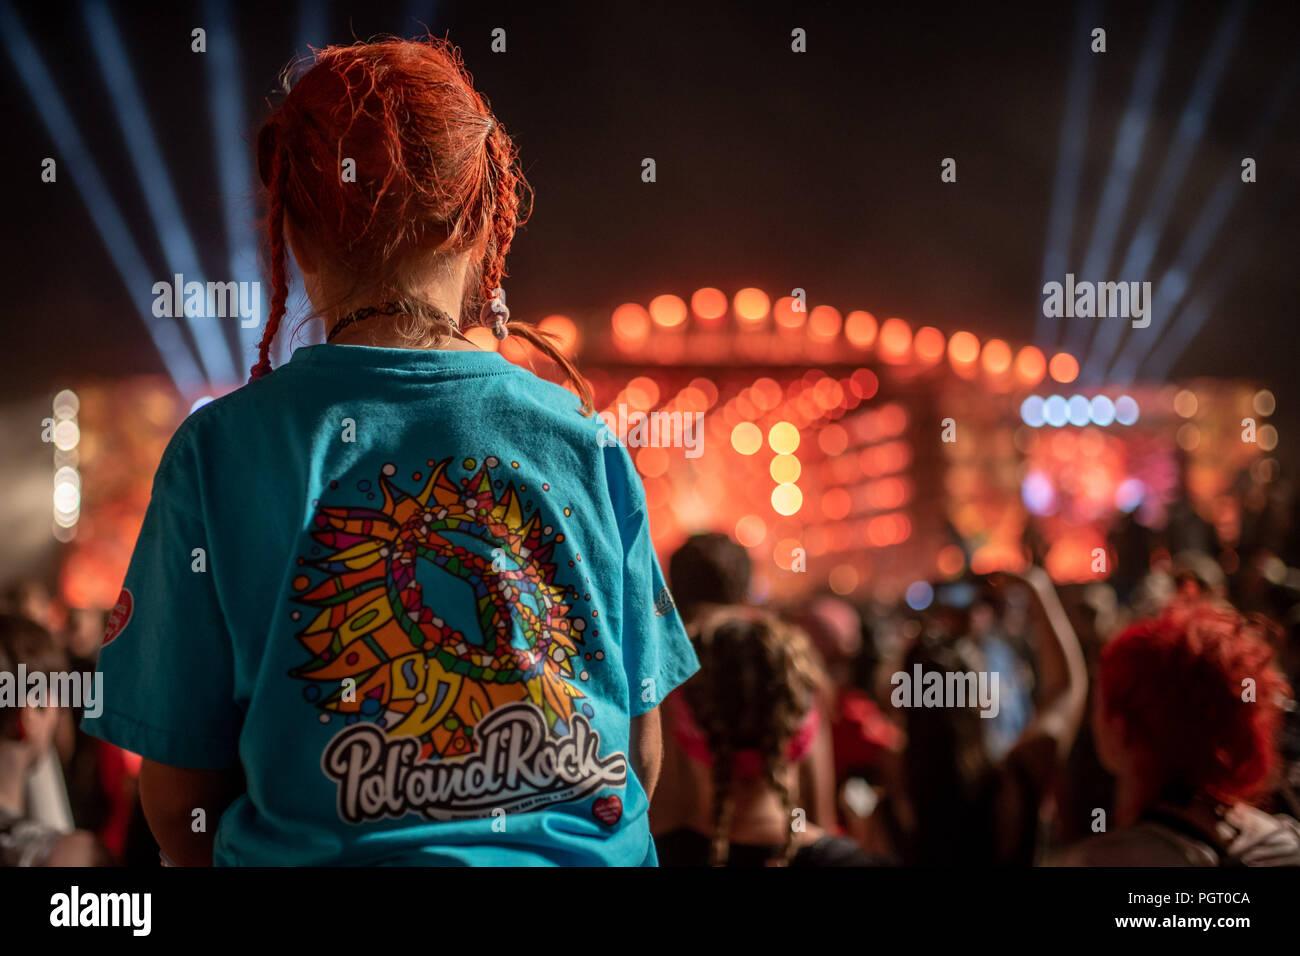 02.08.2018 Kostrzyn Nad Odra 24. Pol'y Festival de Rock'n/z uczestnicy fani fot. P.Dziurman/Reporter Imagen De Stock